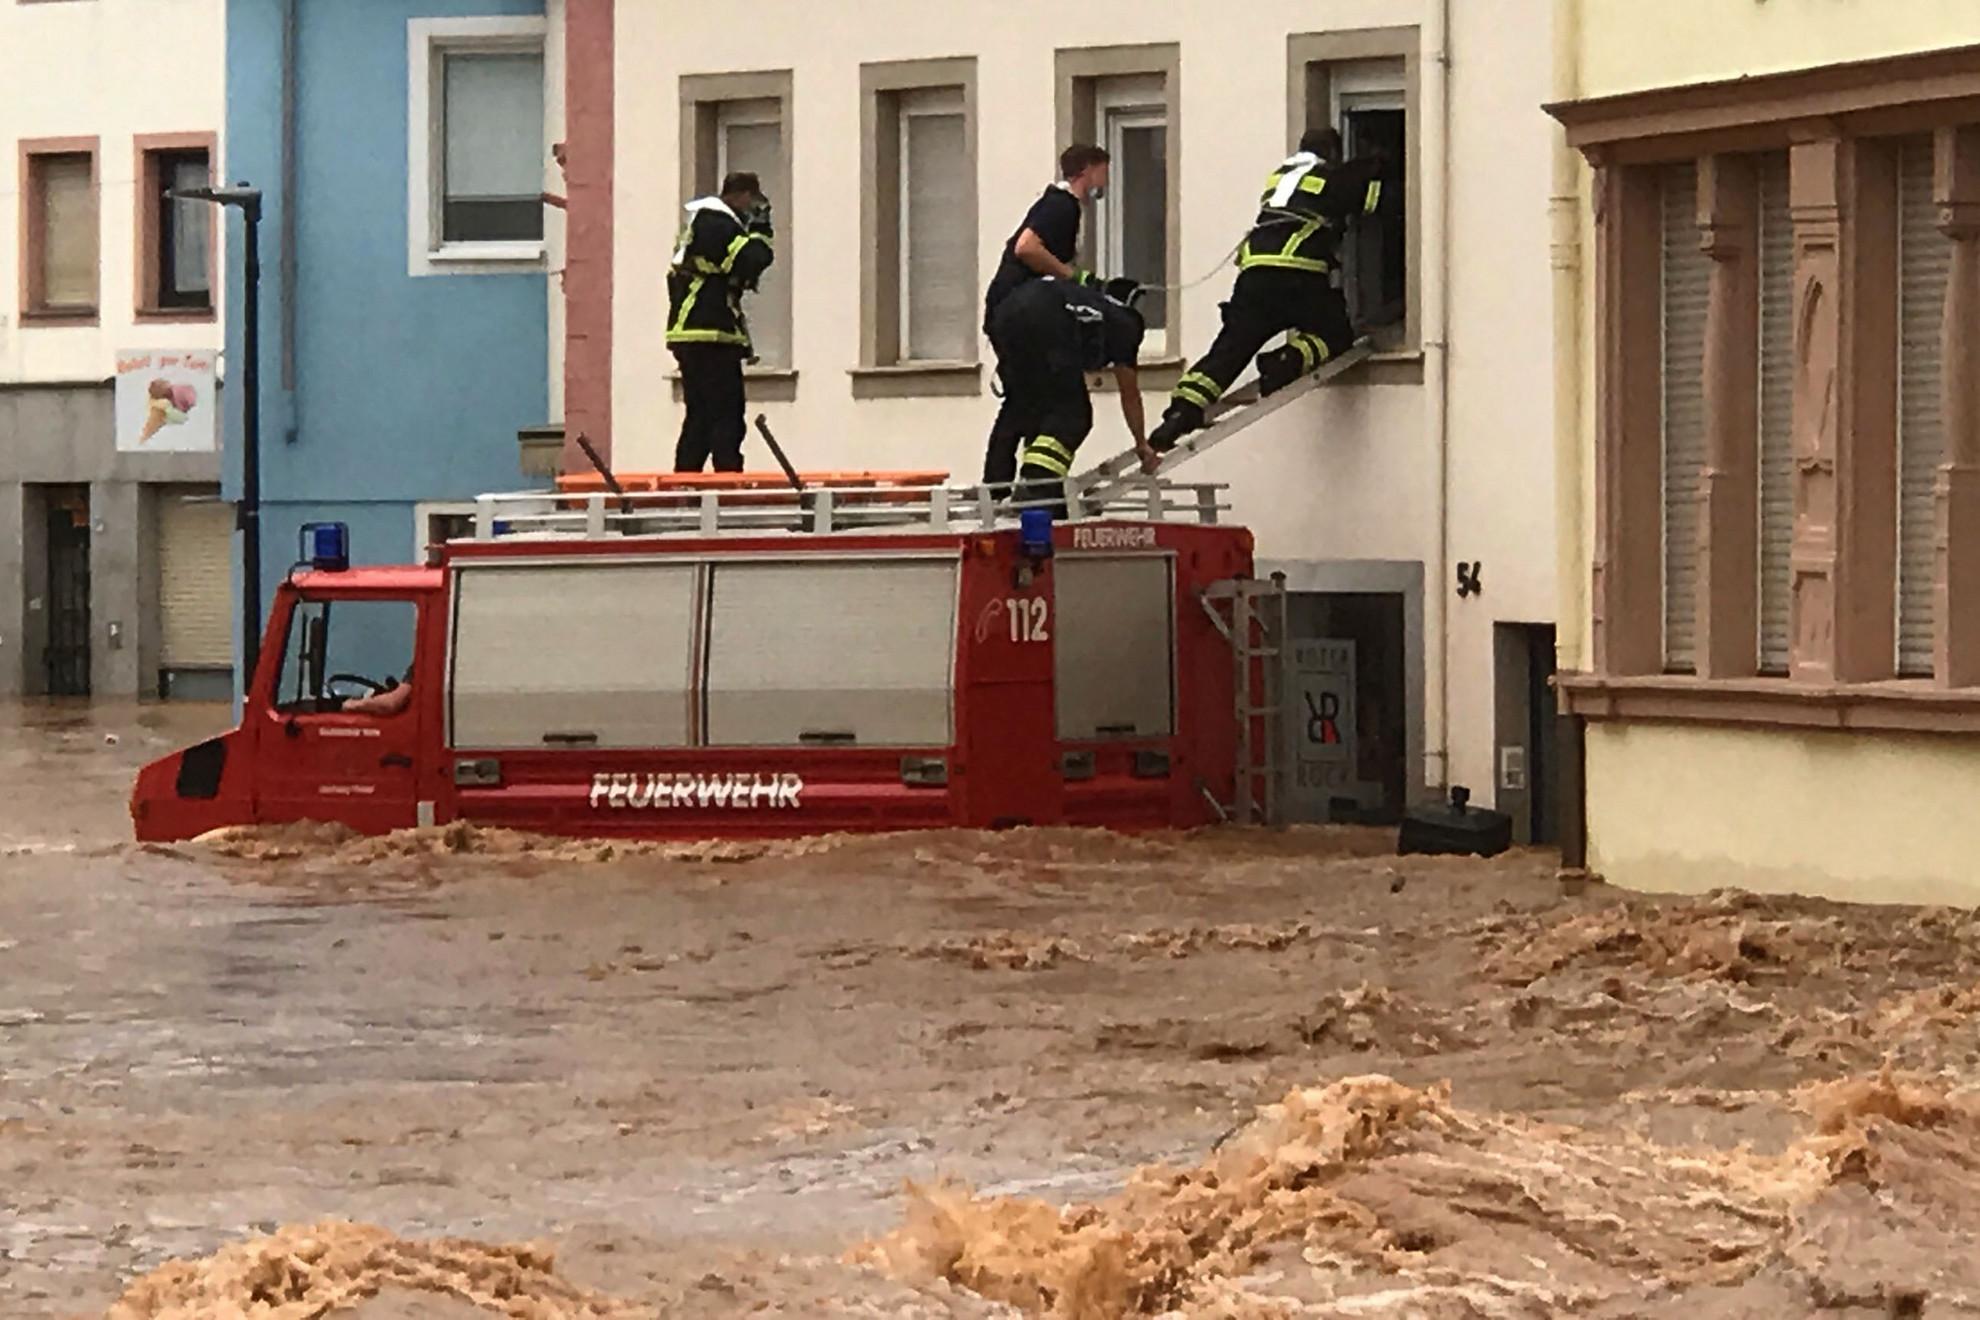 Legalább nyolcvan halálos áldozata van a Németország nyugati részén történt áradásoknak, és több tucat ember hollétéről nem tudni a hatóságok péntek reggeli összesítése szerint